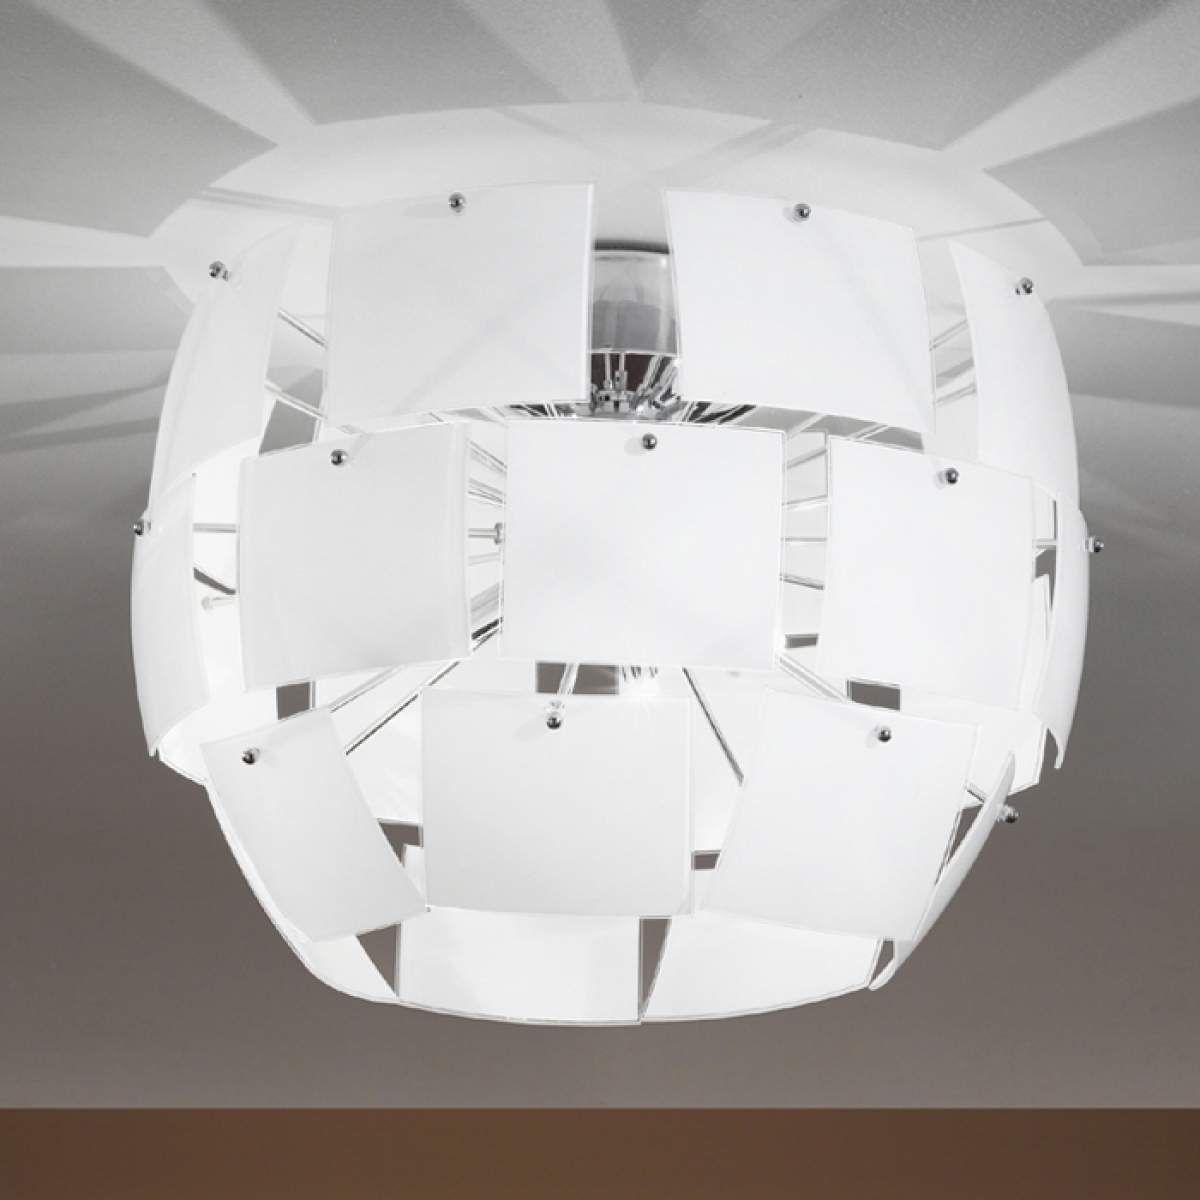 Kunstvolle Deckenleuchte Urania Weiss Jetzt Bestellen Unter Https Moebel Ladendirekt De Lampen Deckenleuchten Design Lampen Moderne Lampen Led Deckenleuchte